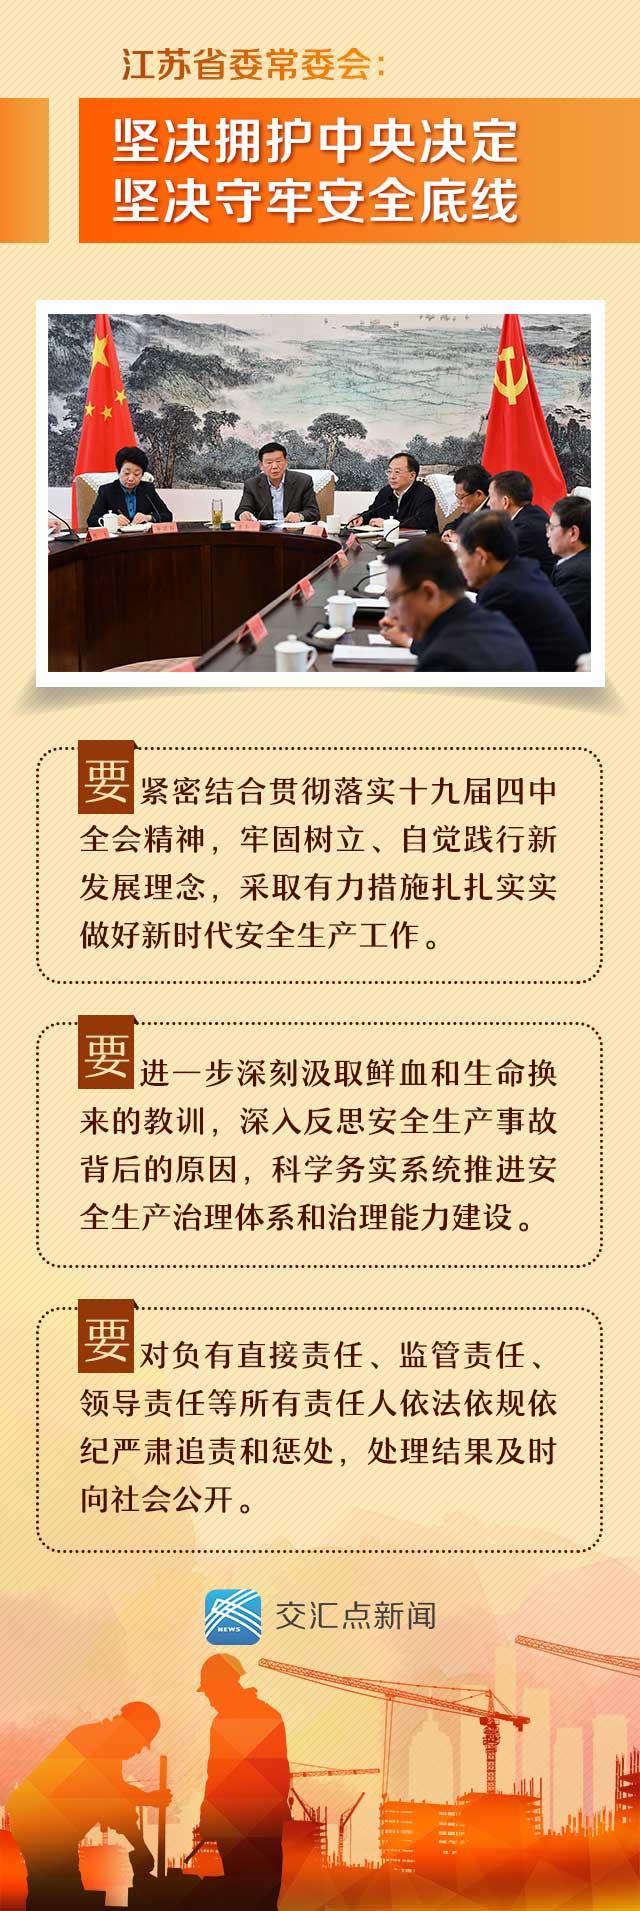 http://www.nthuaimage.com/nantongfangchan/30796.html